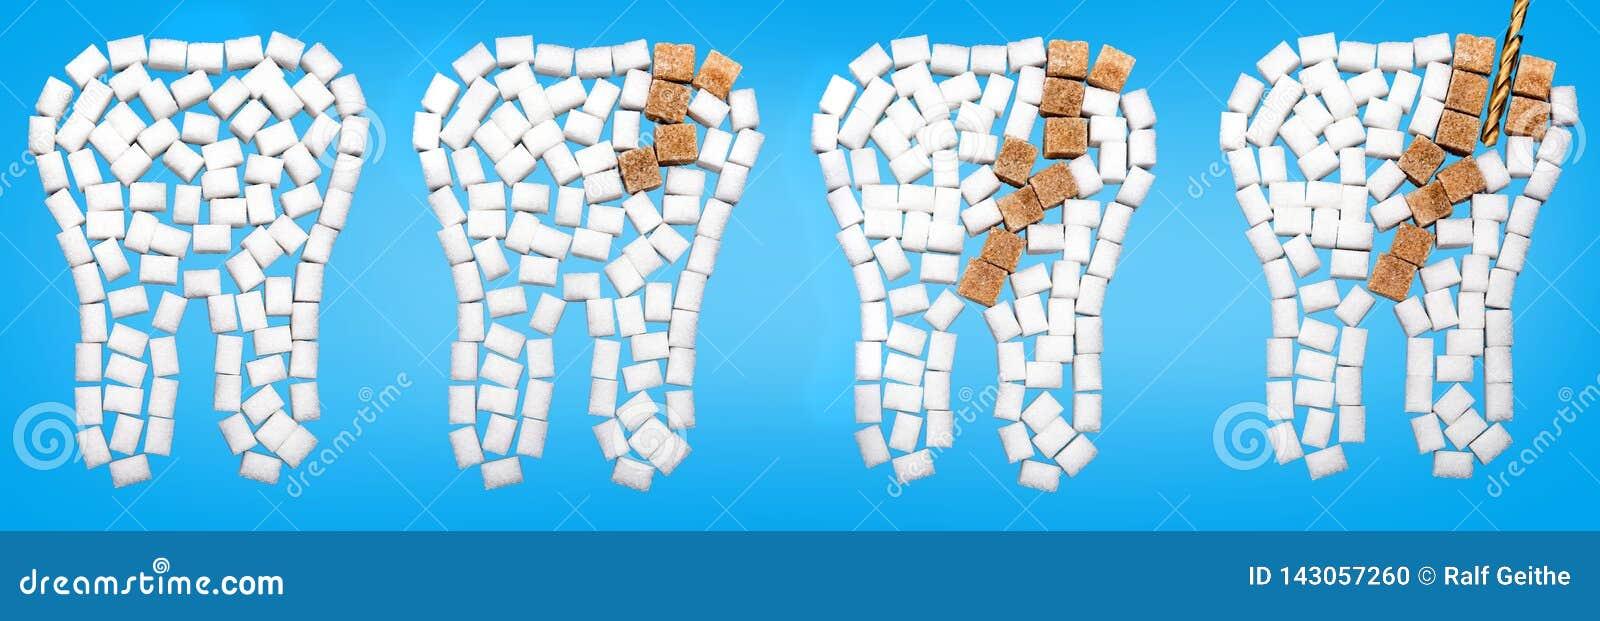 Van bederf beschadigde tanden van suiker tegen een blauwe achtergrond